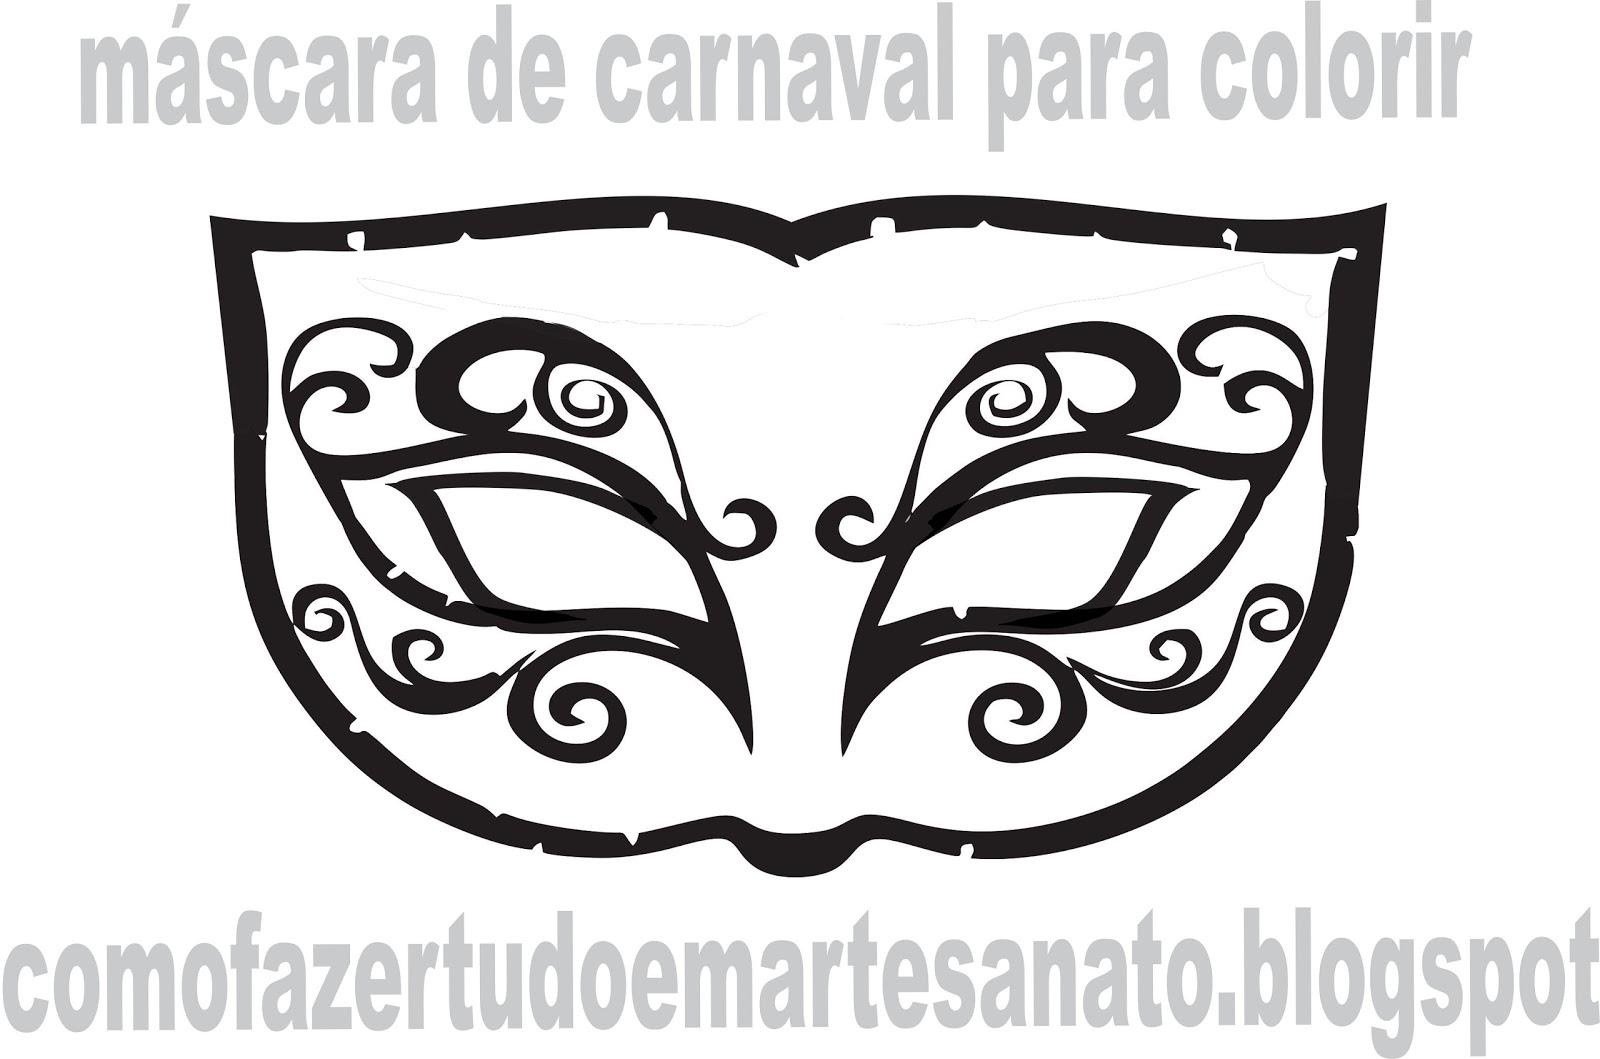 por como fazer mascaras de carnaval, desenhos, moldes de mascaras de